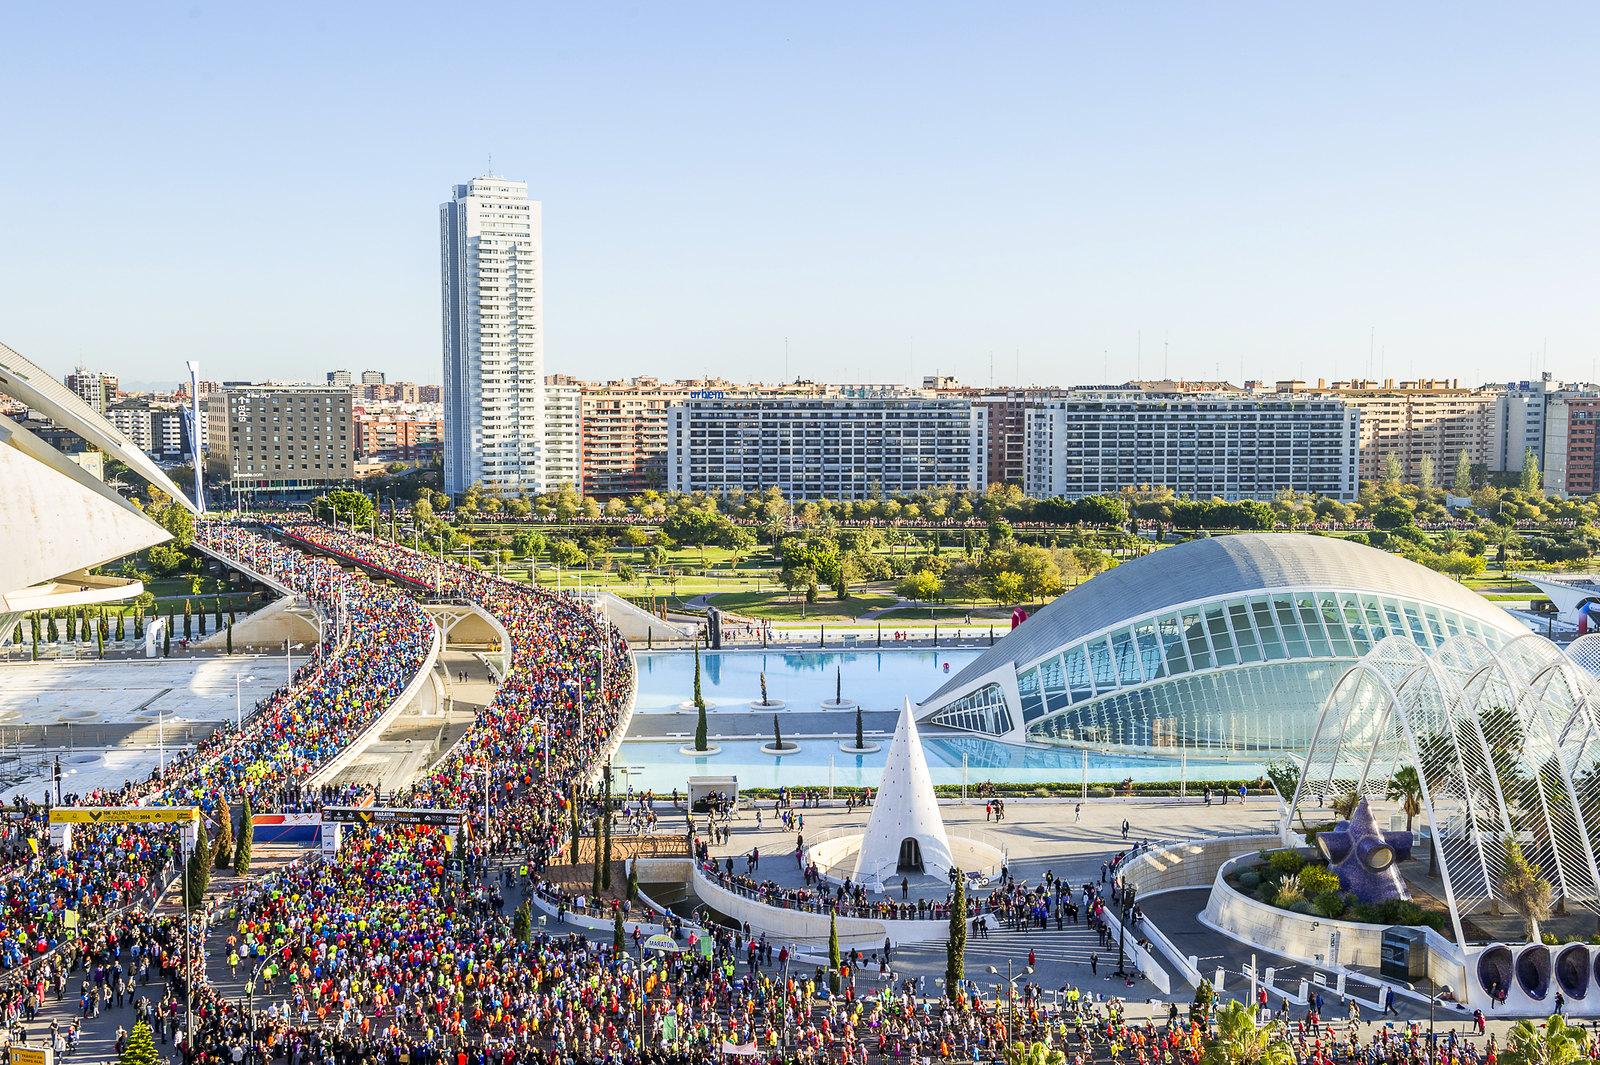 Correr el Maratón de Valencia, España - Marathon Spain maratón de valencia - 47198694001 ad9f20e8a0 h - Maratón de Valencia: análisis, recorrido, entrenamiento y recomendaciones de viaje